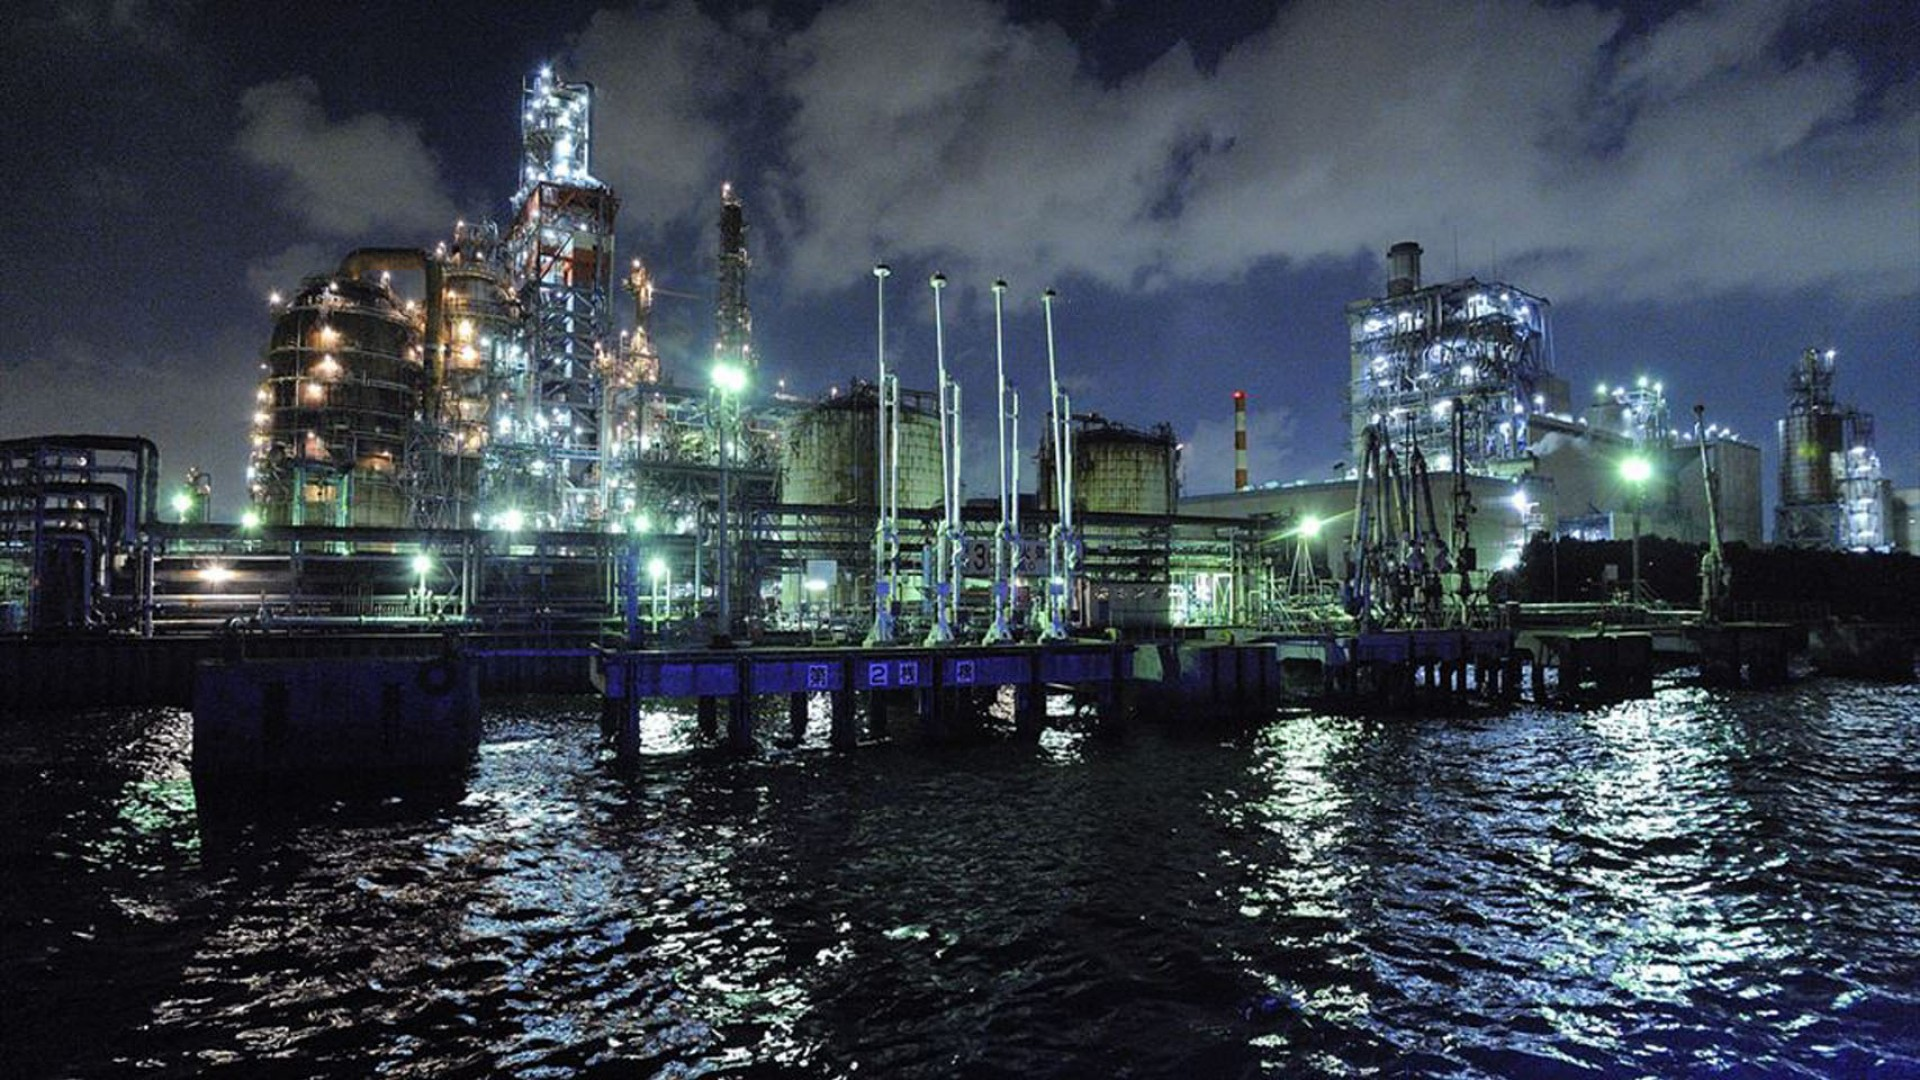 川崎工场夜景屋形观光船